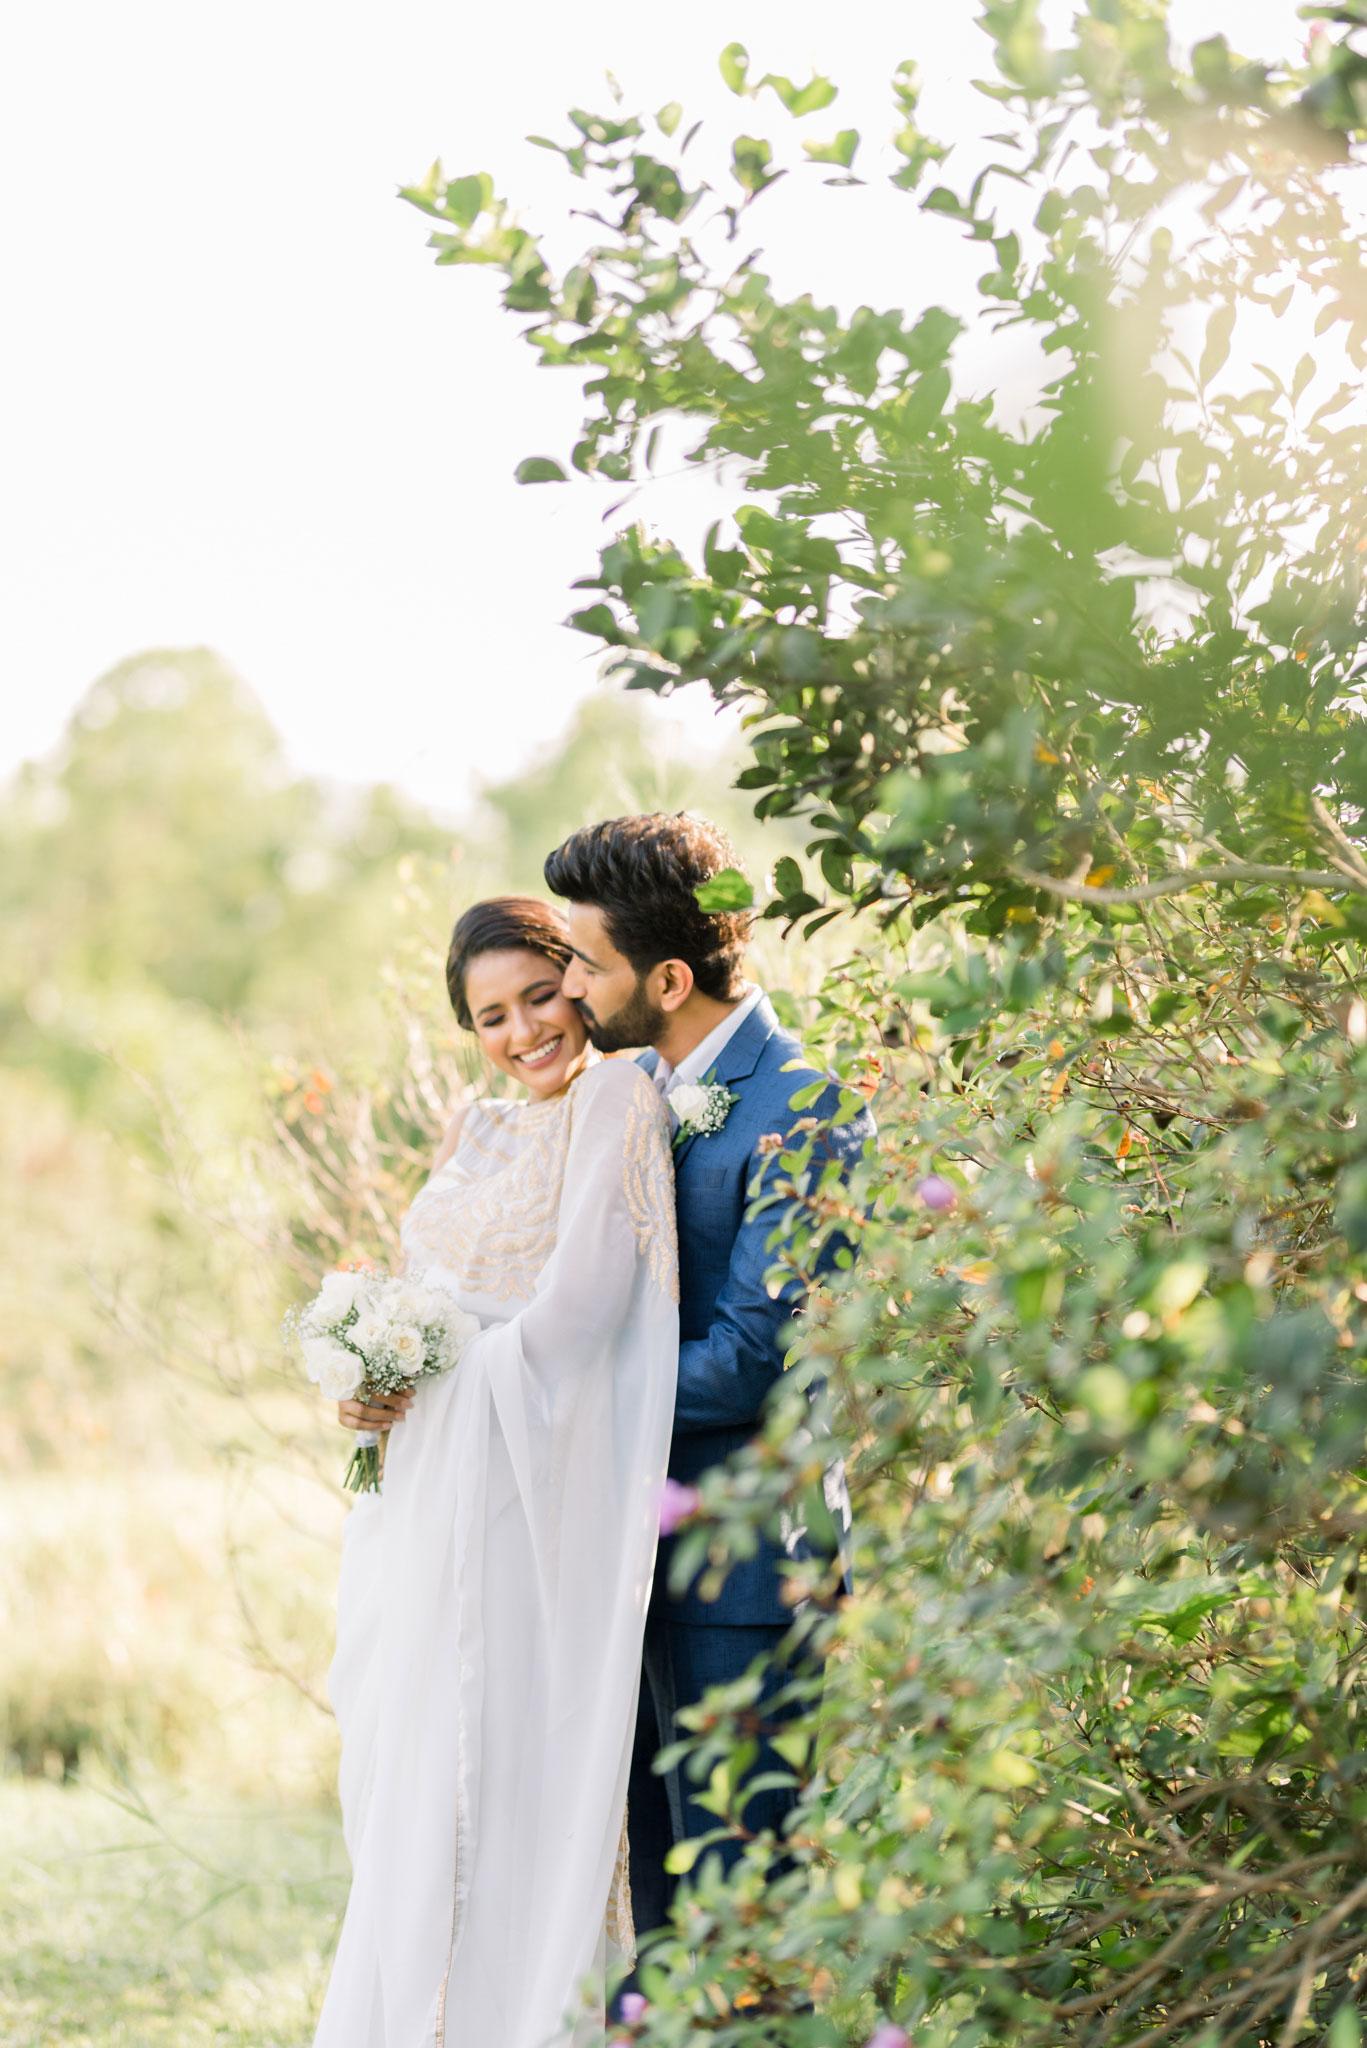 Dulakshi & Hashantha - Prabath Kanishka Wedding Photography